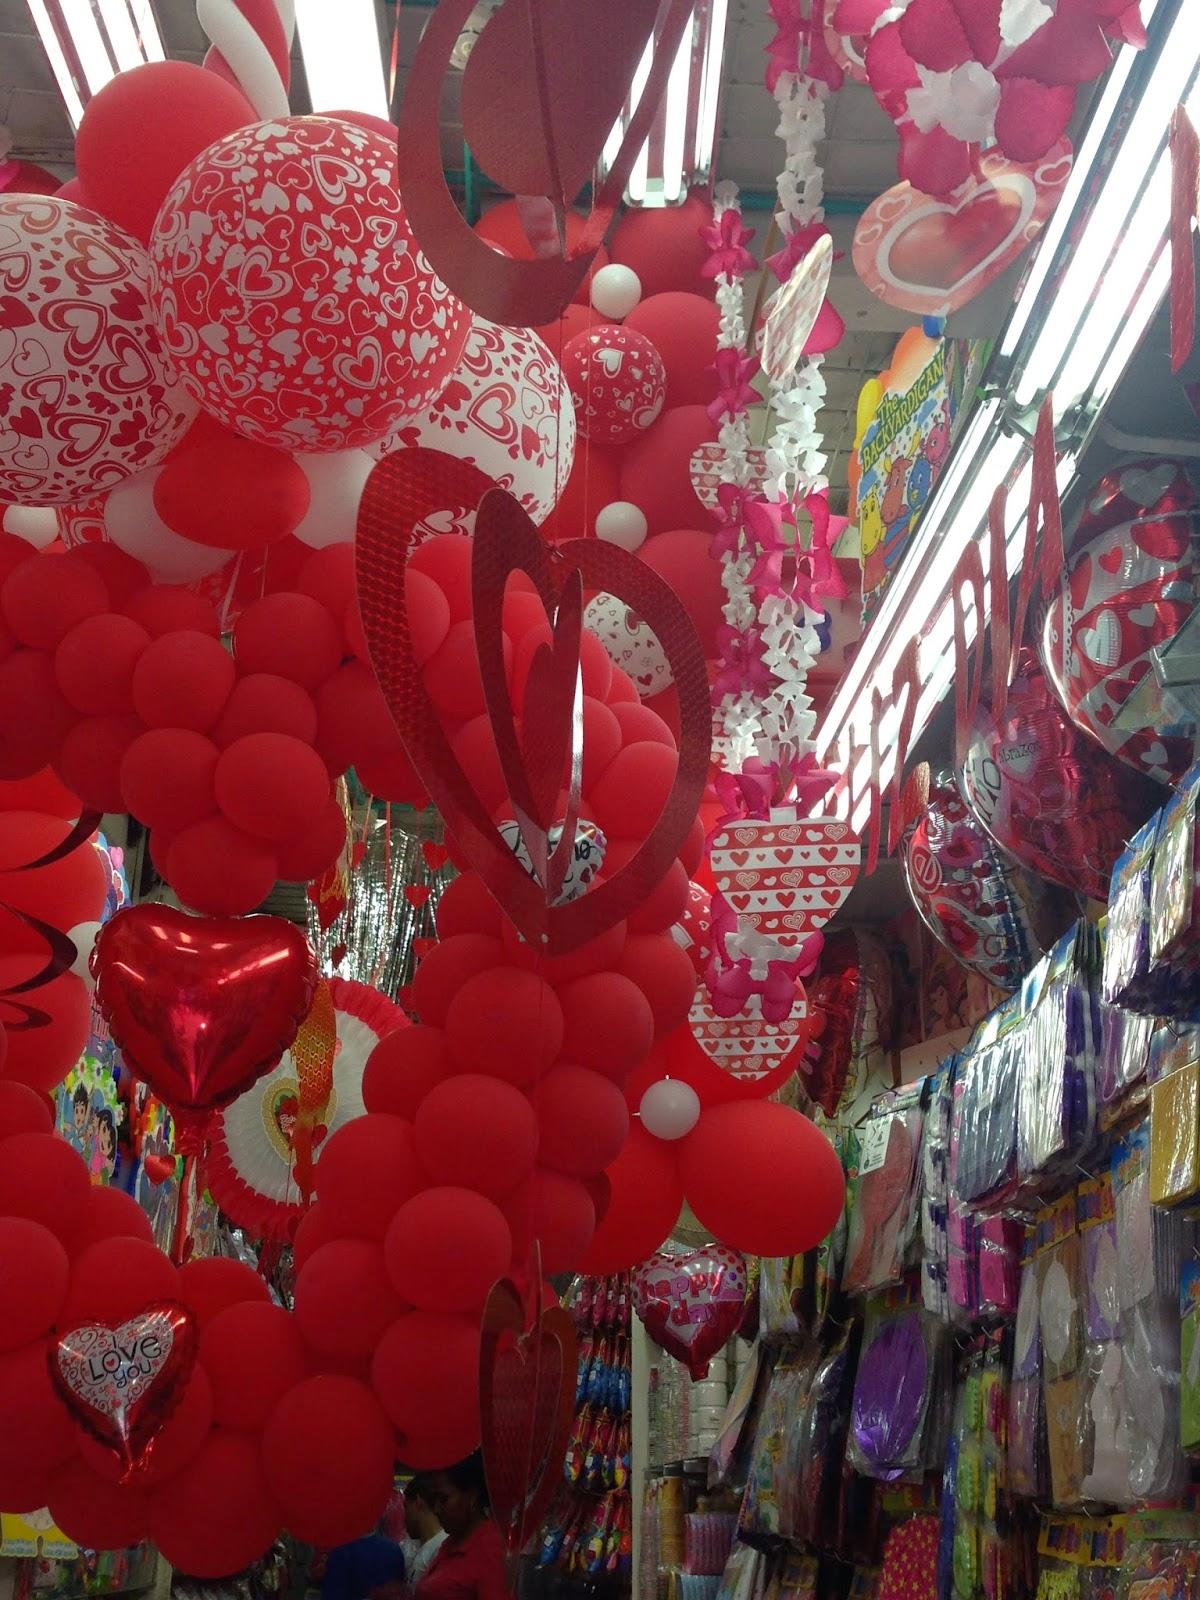 Fiestas y detalles decoraciones fiesta de madre for Decoracion 31 de diciembre